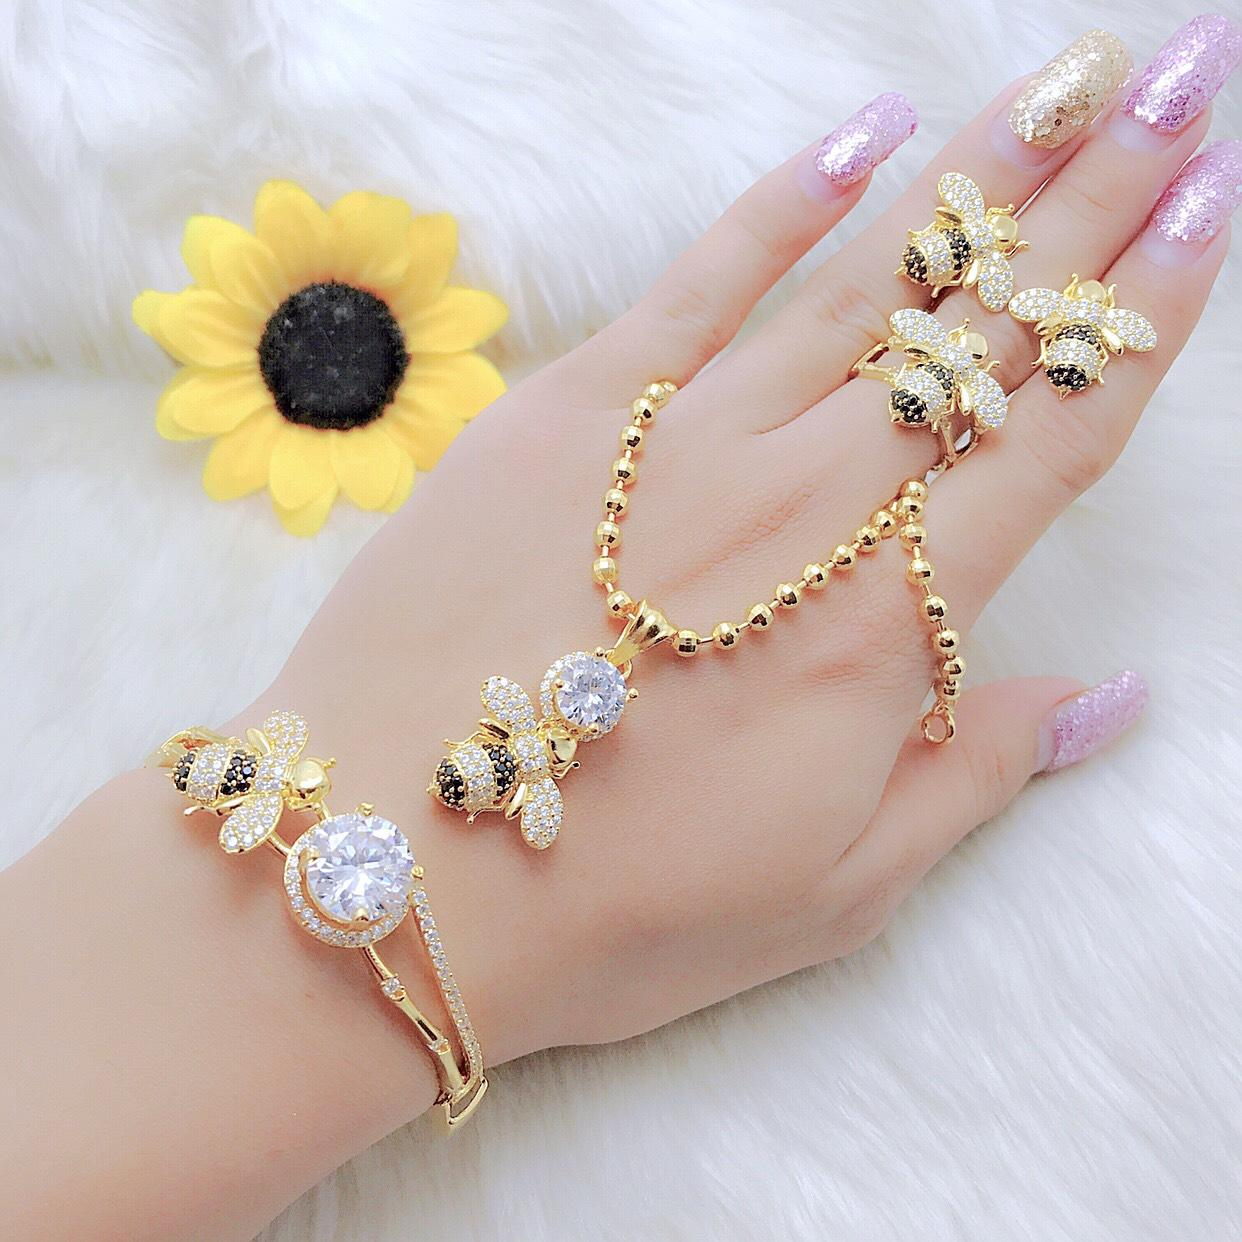 Bộ Nữ Trang Con Ong - Givishop - B4090756 - [ Chất liêu bạc pha, cam kết không đen không dị ứng ] - mẫu trang sức đẹp phụ nữ, nhung mau trang suc dep , mau nhan trang suc dep, nhung mau trang suc dep, mẫu trang sức vàng đẹp